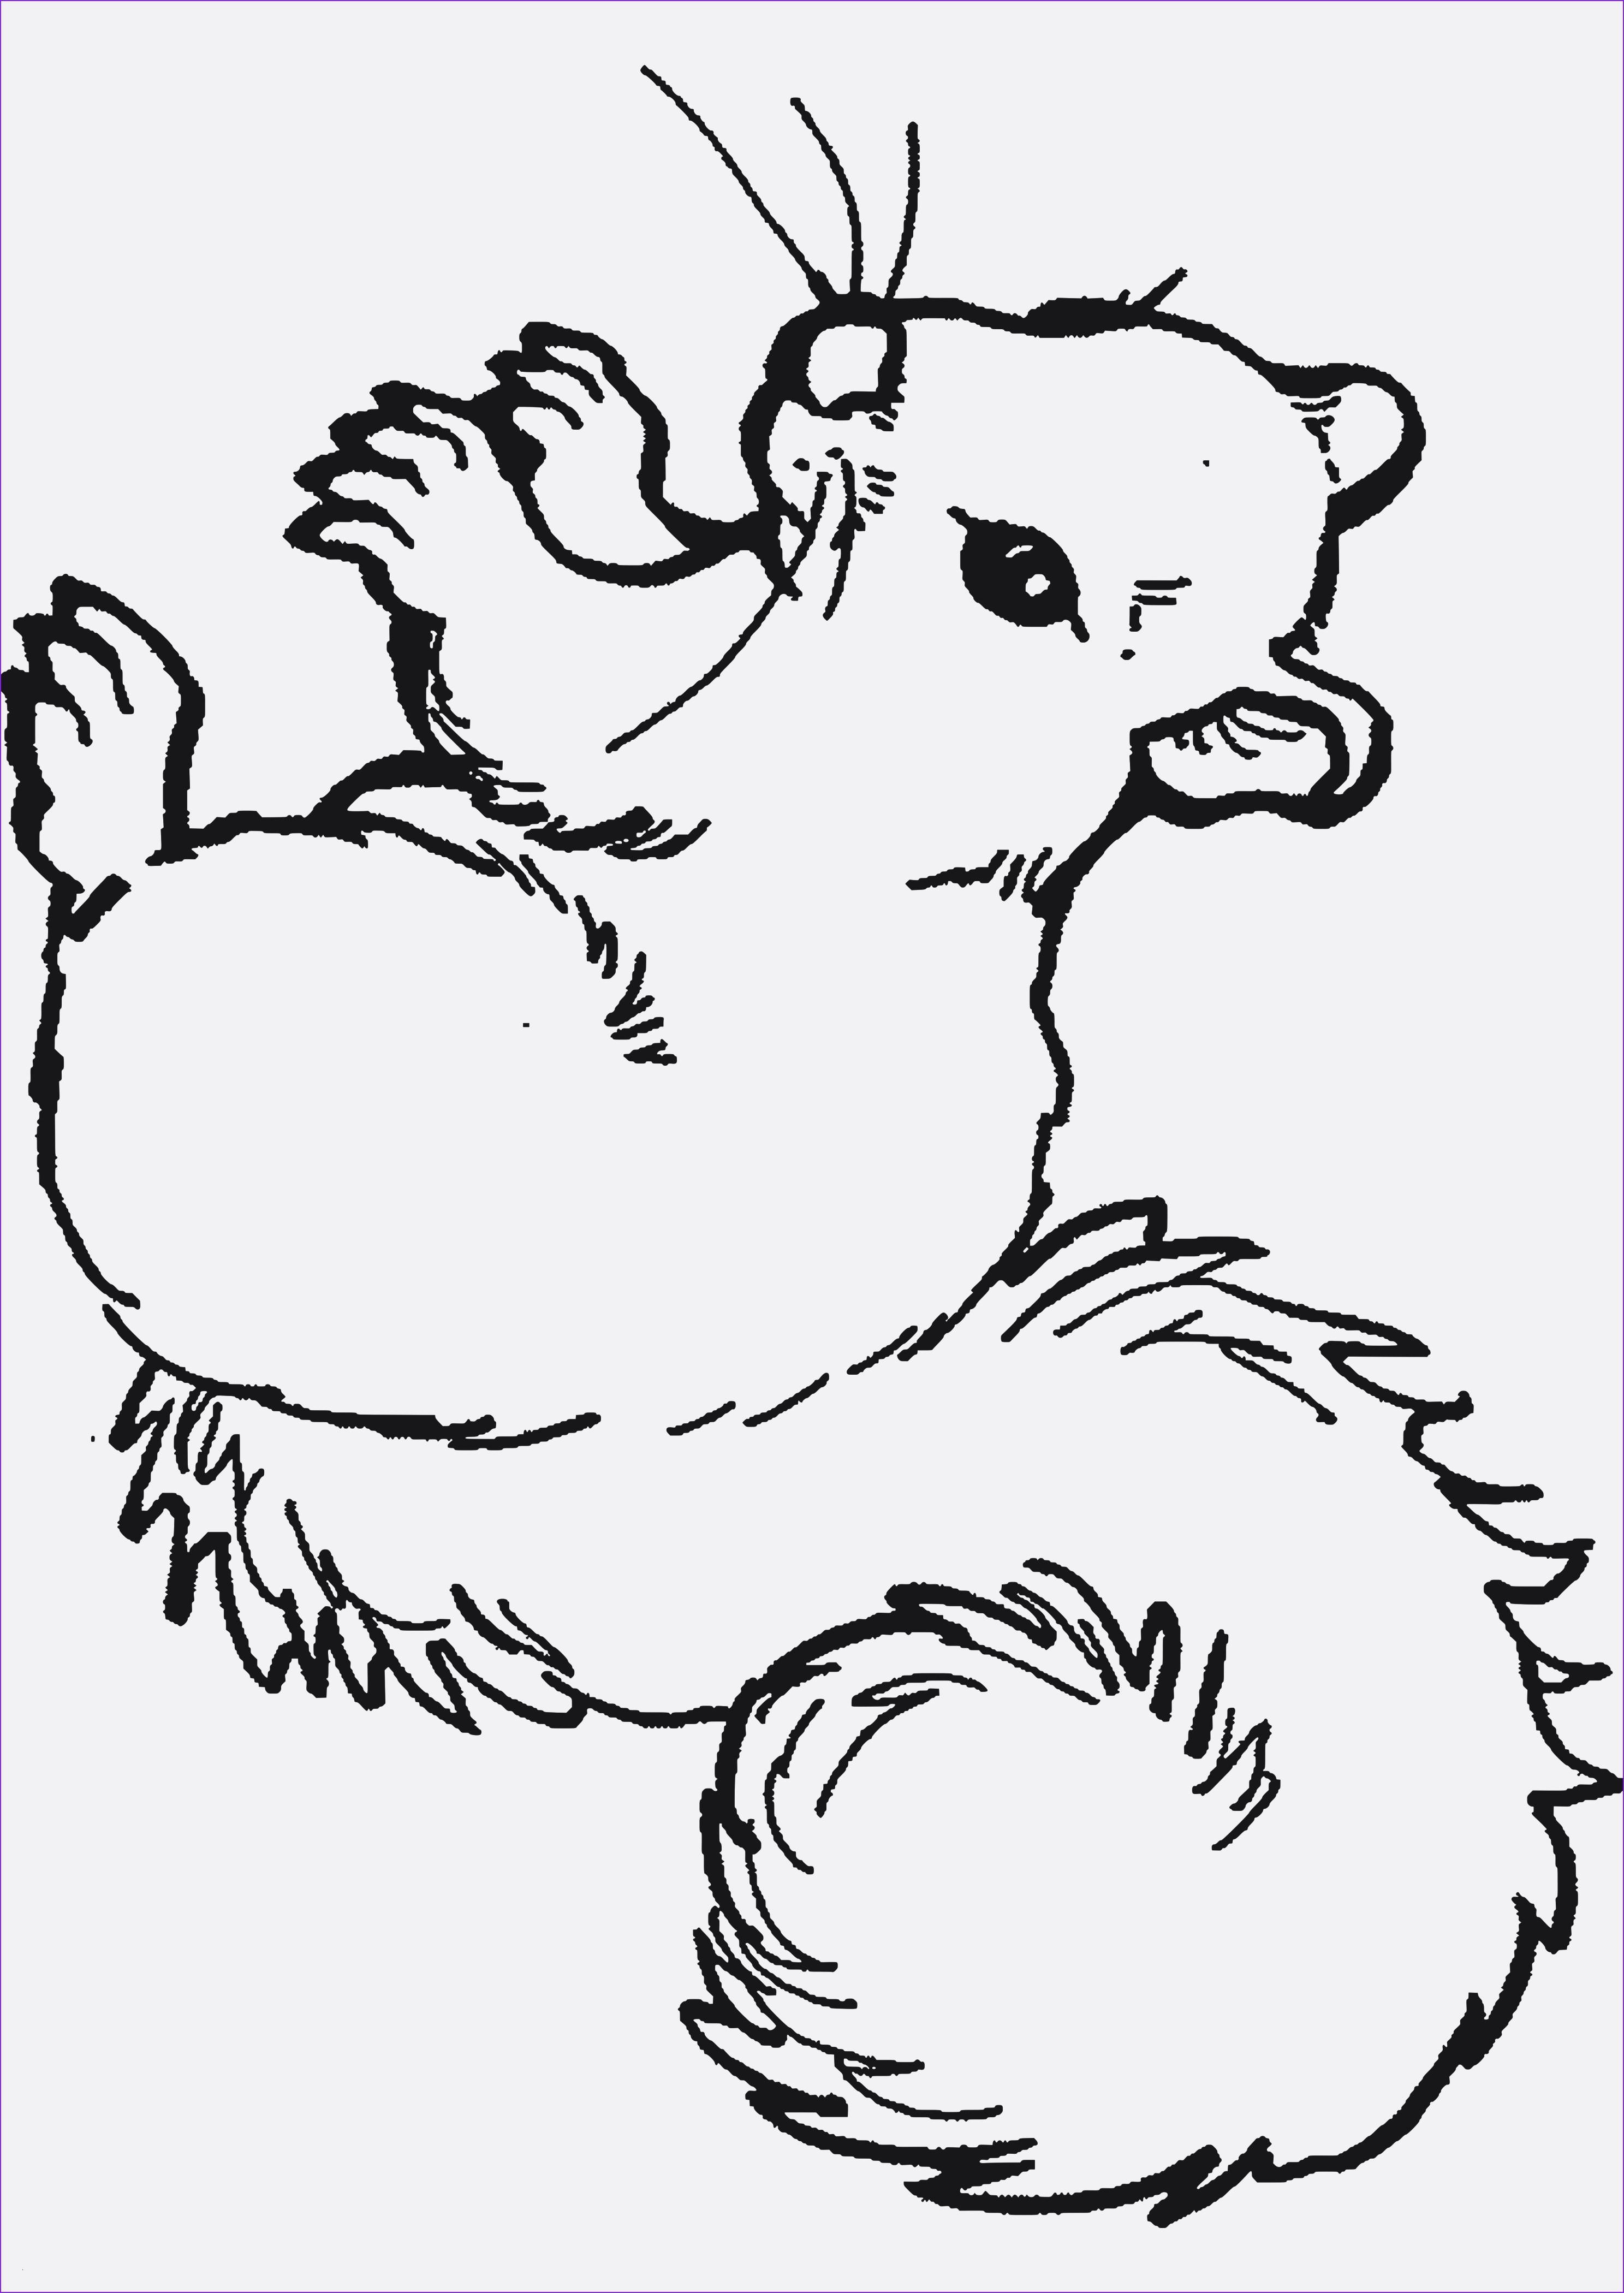 Kleeblatt Zum Ausmalen Neu Ausmalbilder 3d Buchstaben Luxus 37 Ausmalbilder Tiere Erwachsene Bilder